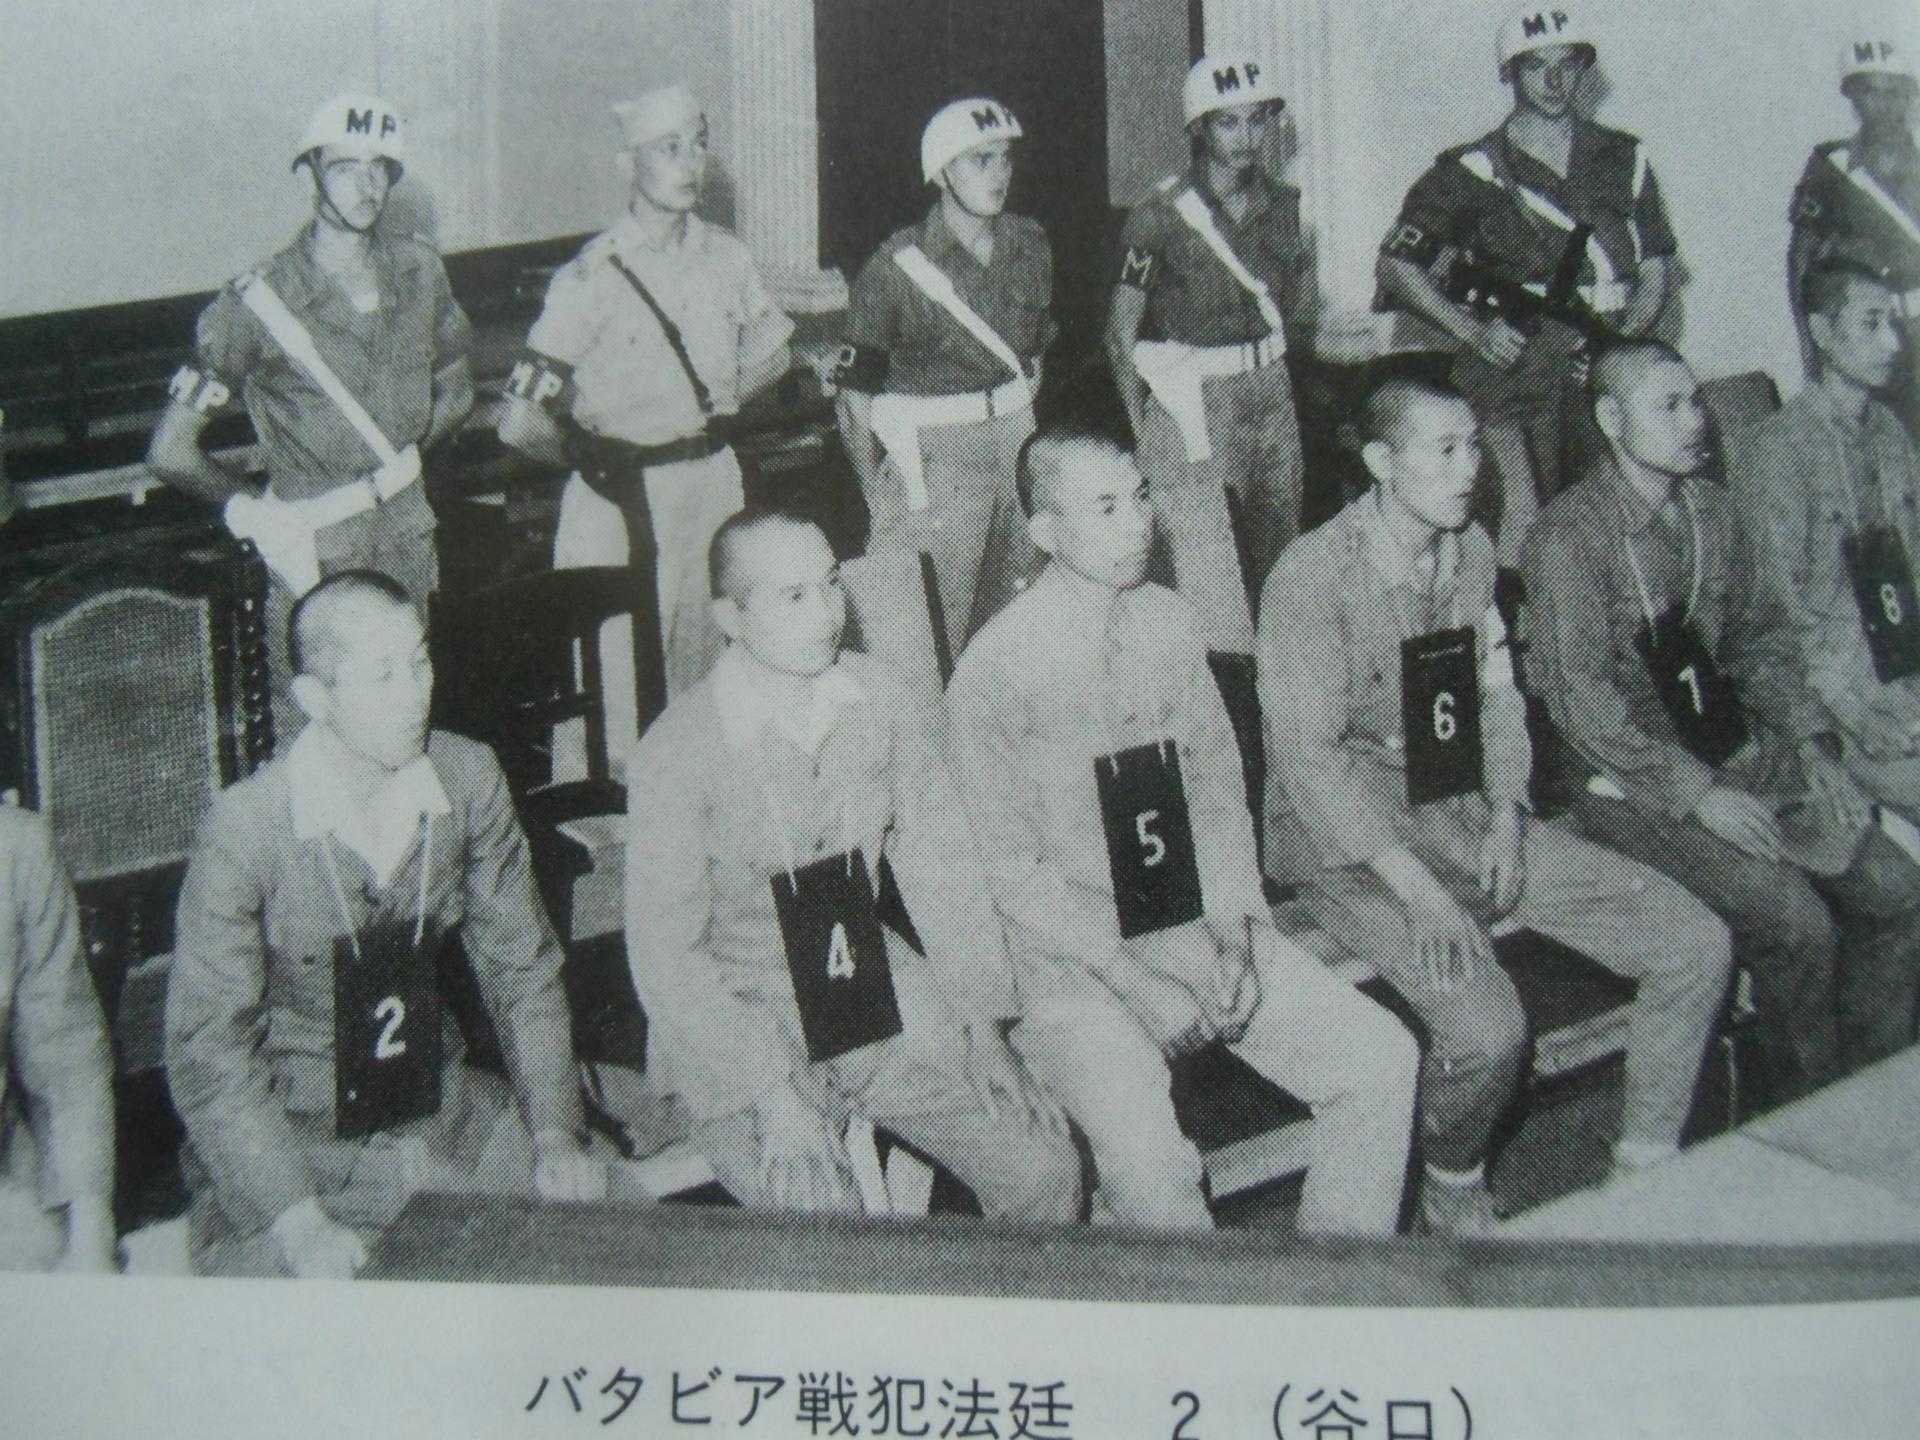 和蘭軍事法廷 「BC級戦犯」の死 ...